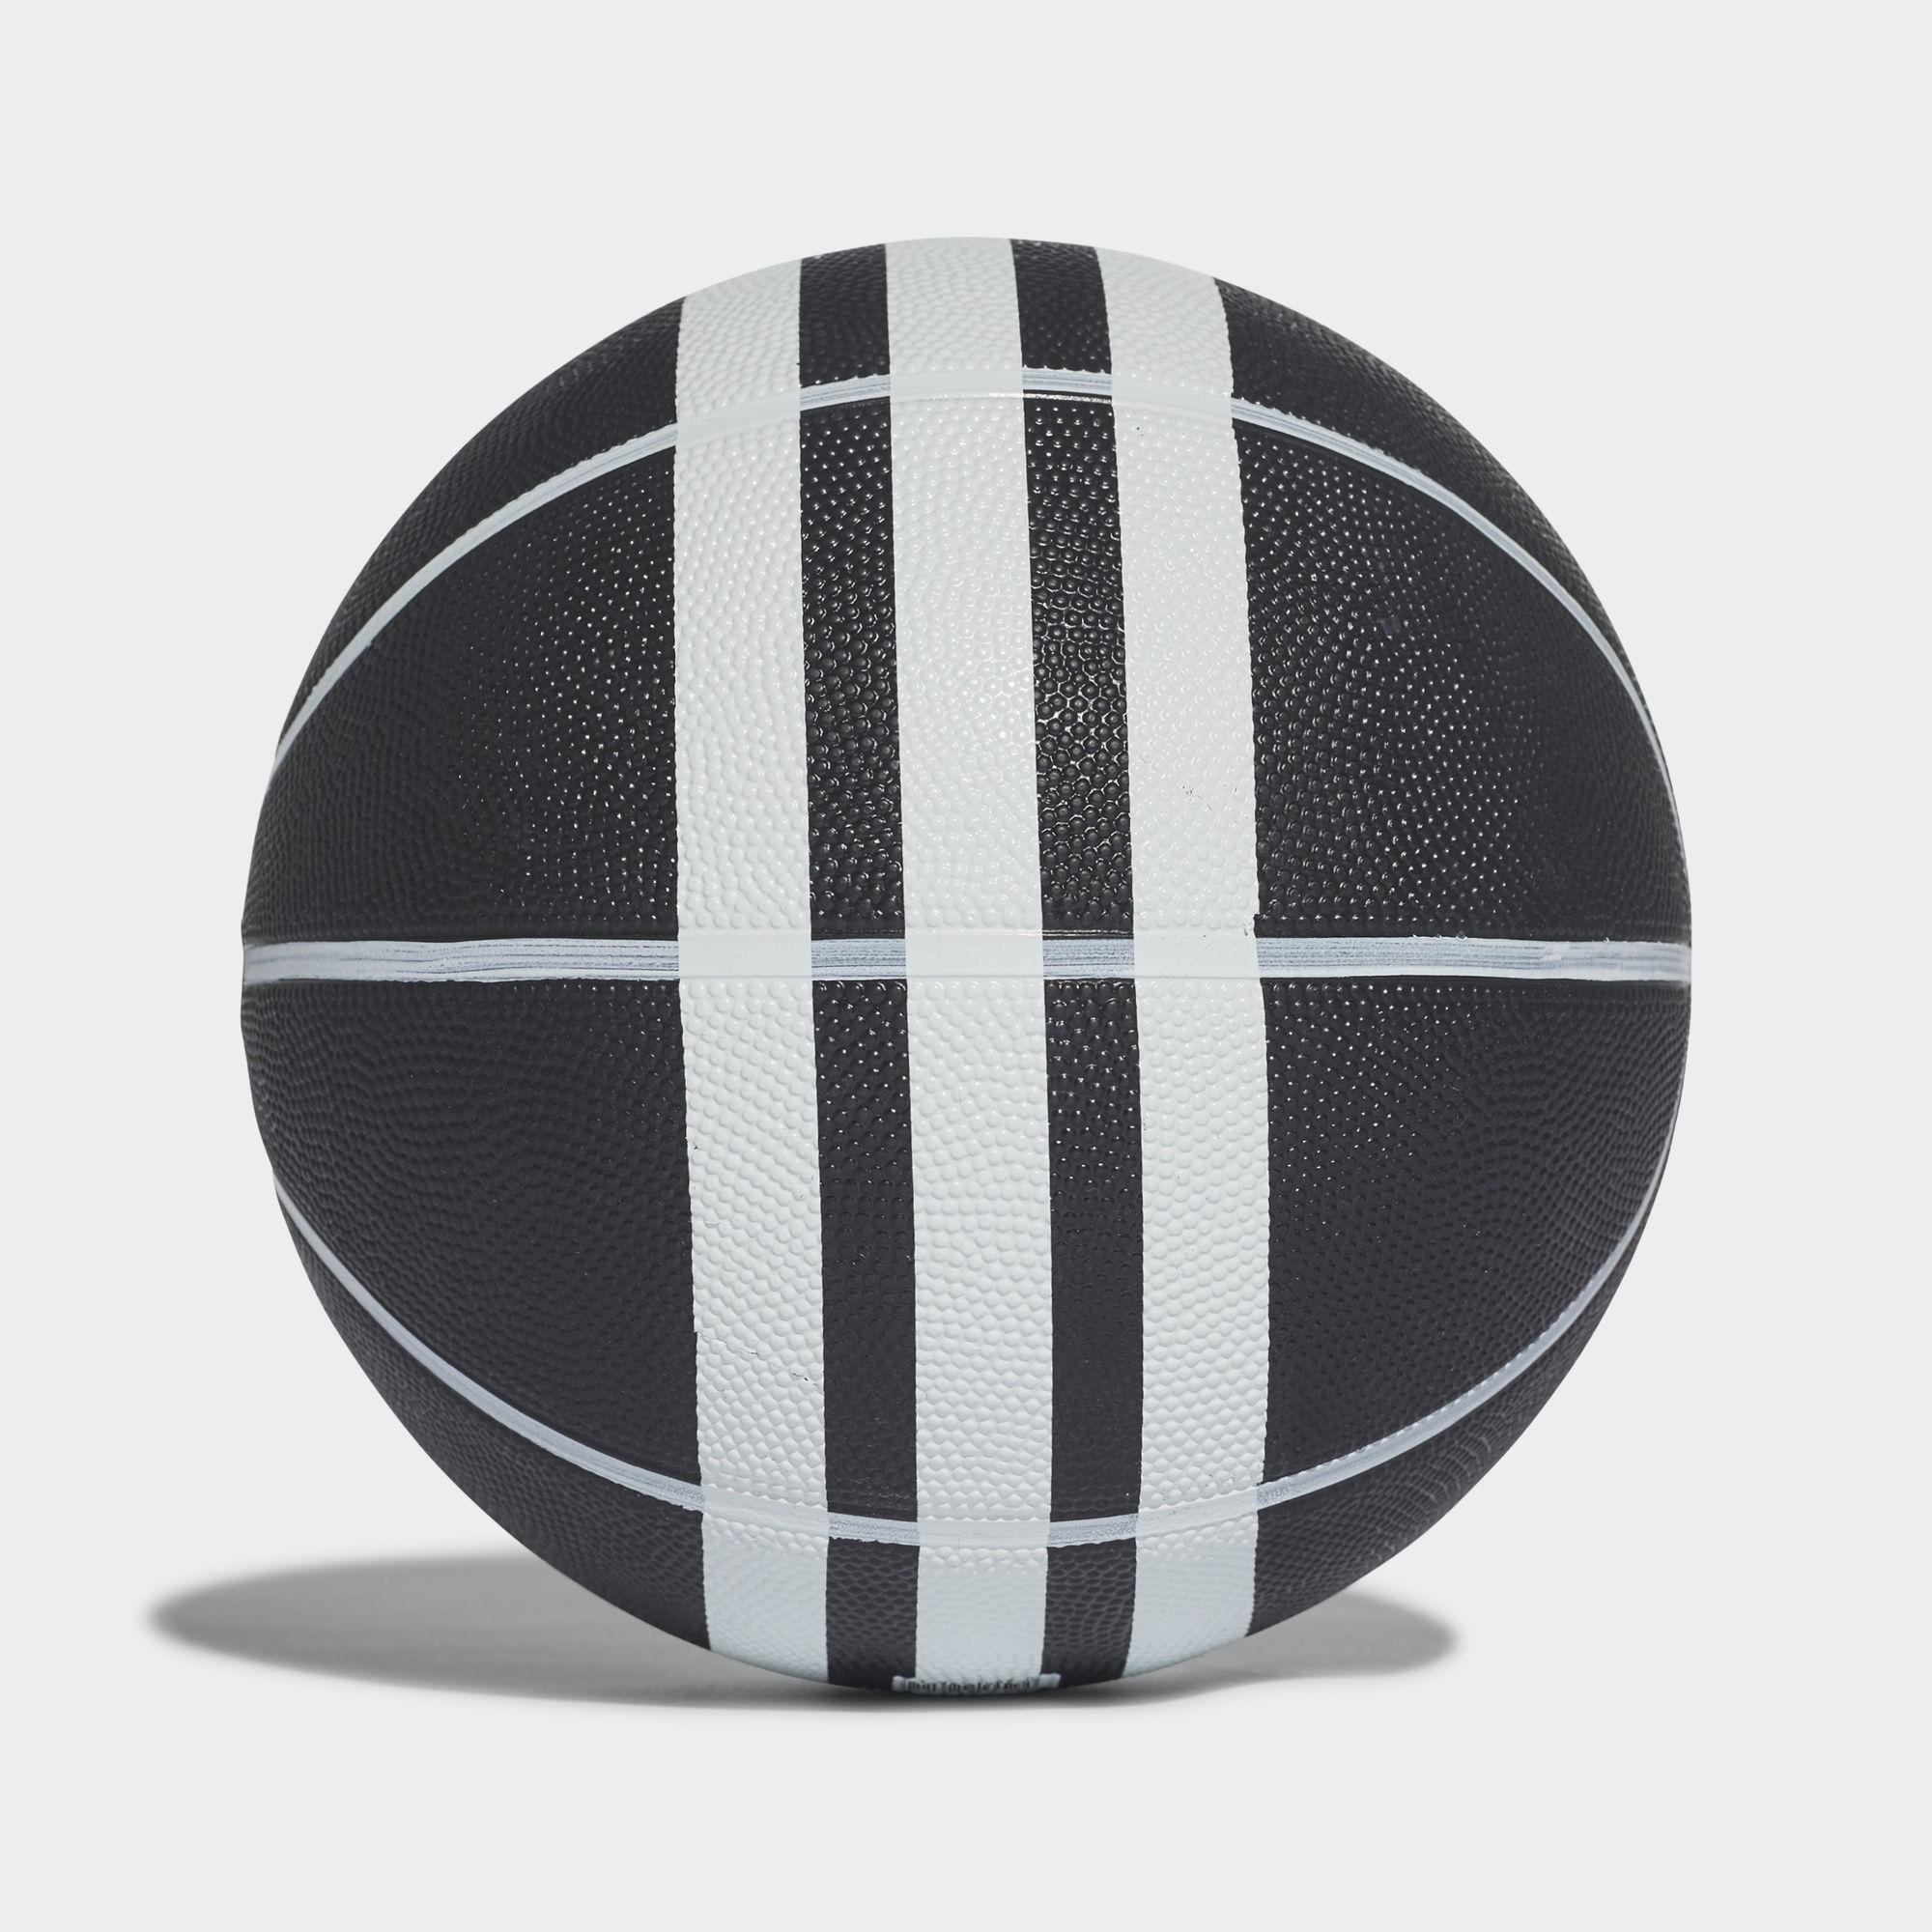 92a8821e Баскетбольный мяч 279008 adidas Performance - Украина | ONETEAM.COM.UA